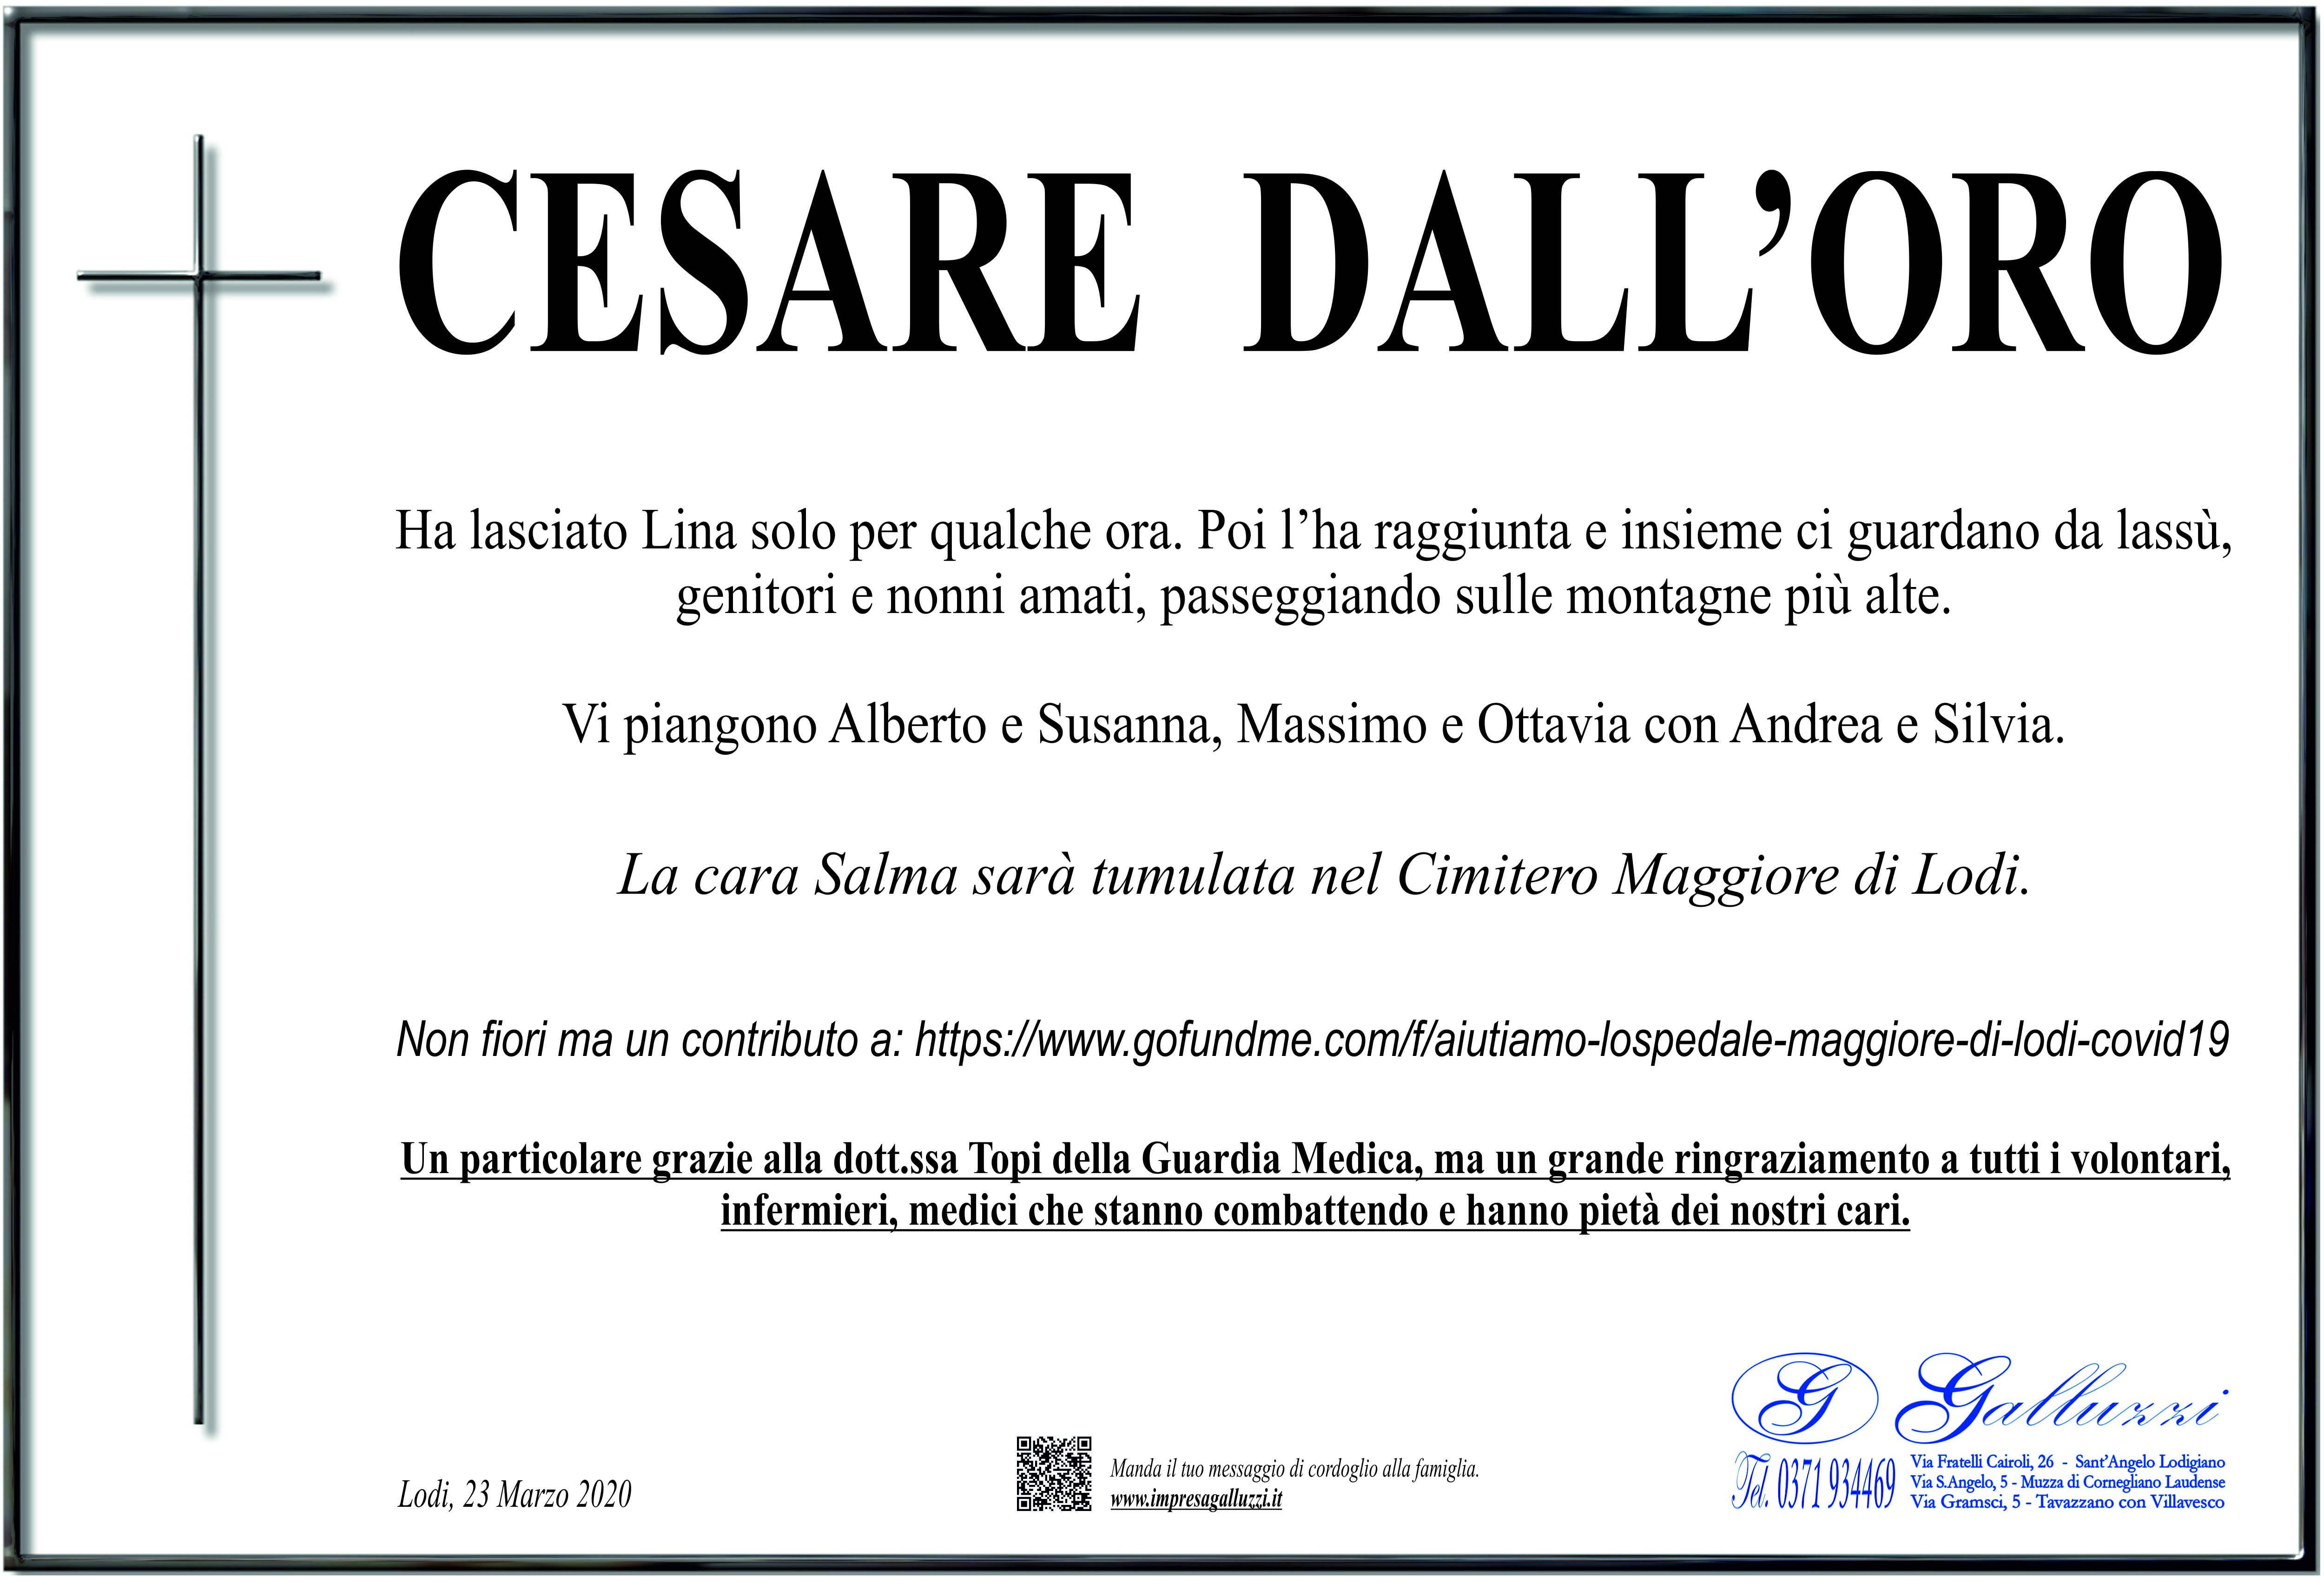 Cesare Dall'Oro